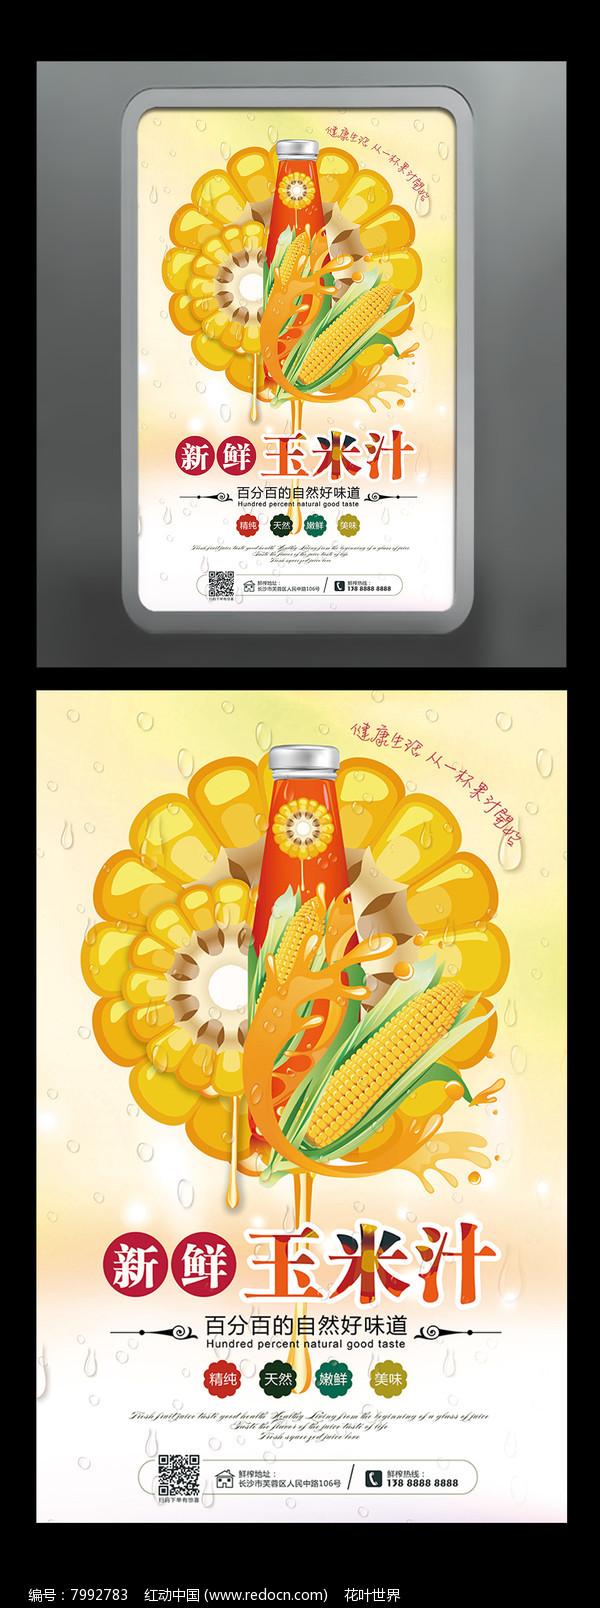 美味新鲜玉米汁宣传海报图片